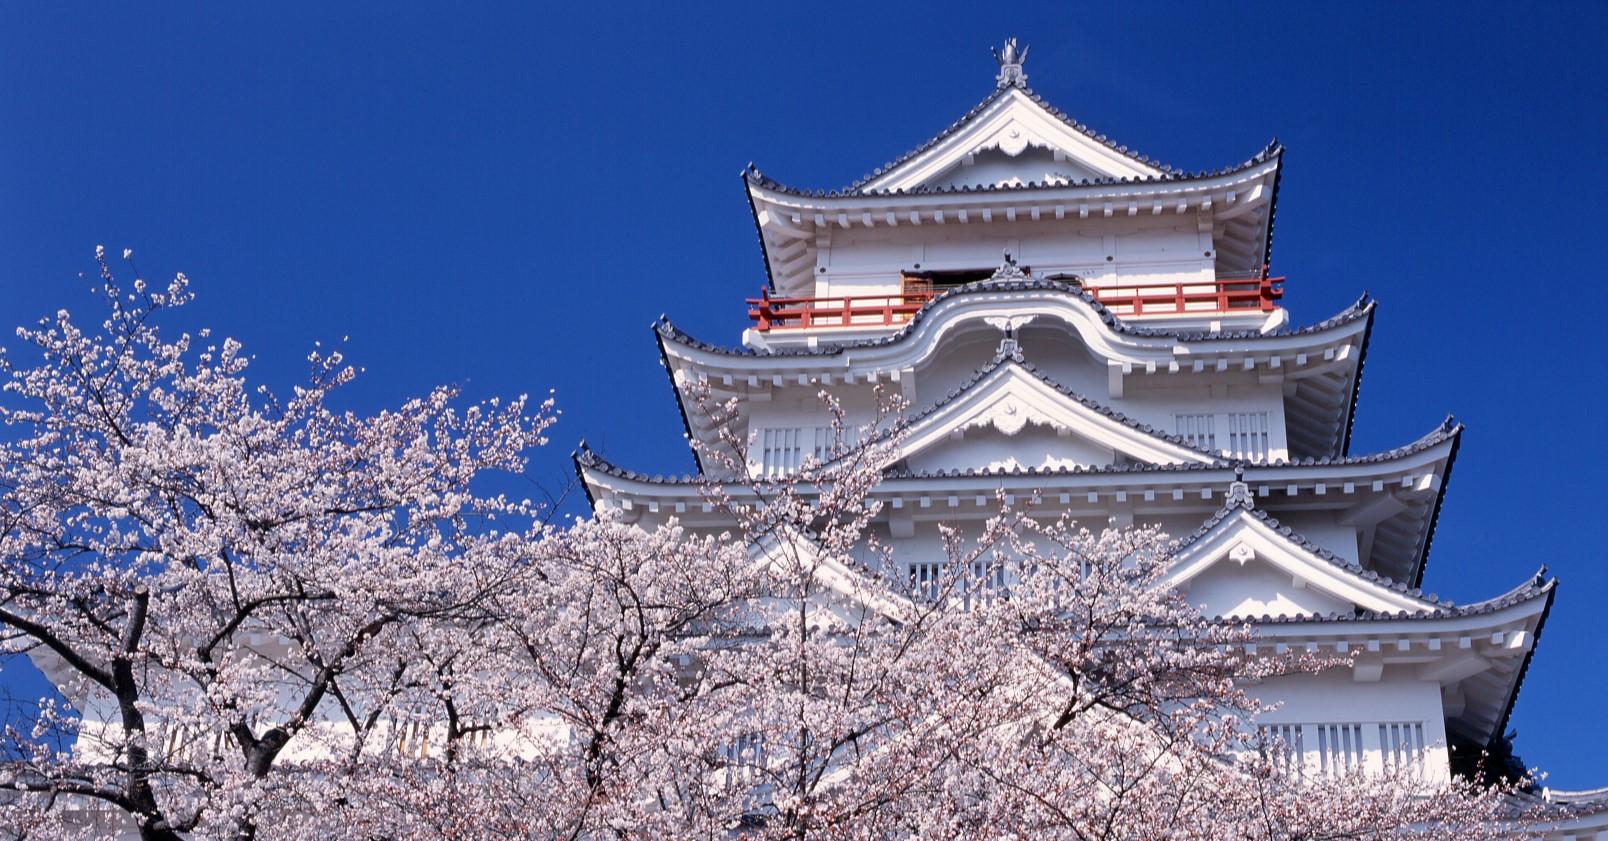 福山駅のすぐ裏には福山市のシンボル、福山城があります。